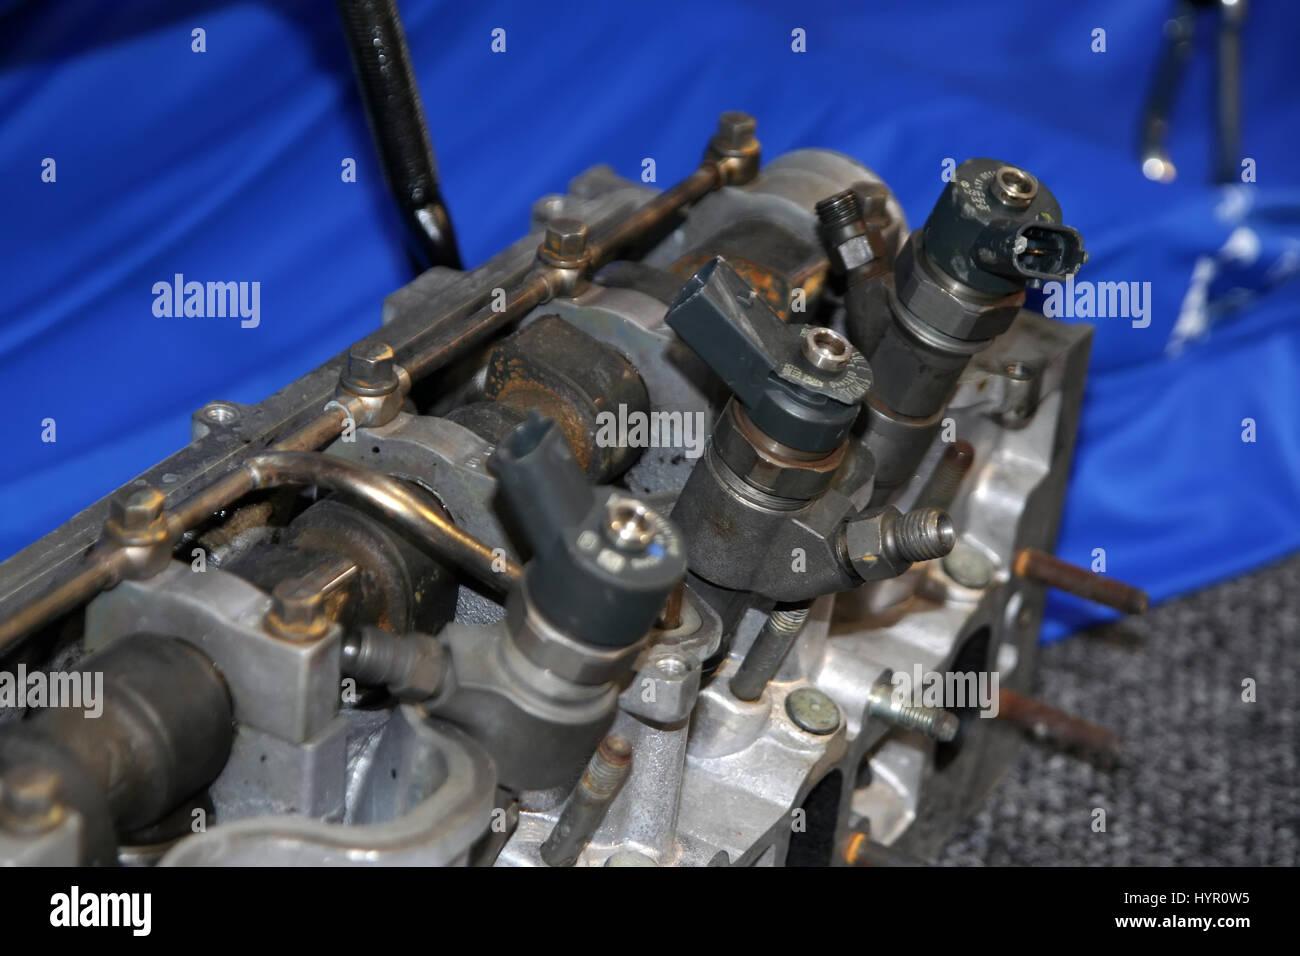 Race Car Intake Stockfotos & Race Car Intake Bilder - Alamy